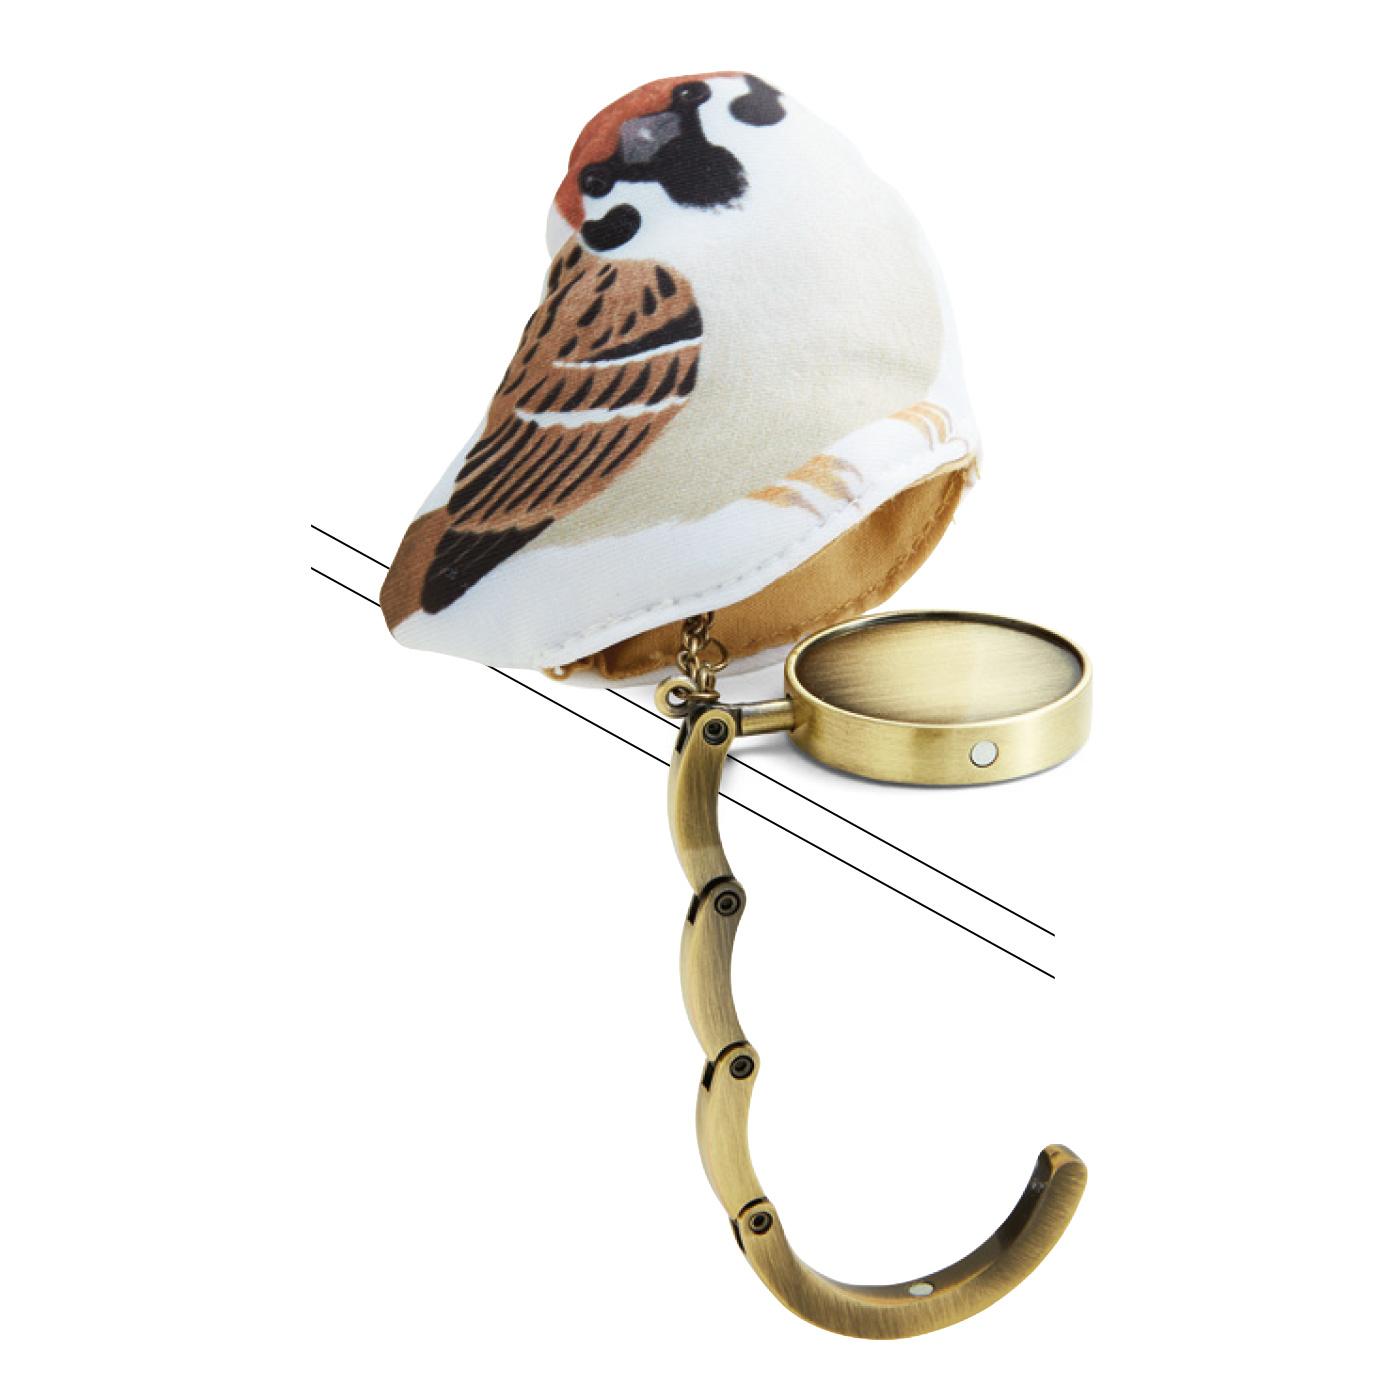 小鳥の中のバッグハンガーを伸ばして使います。